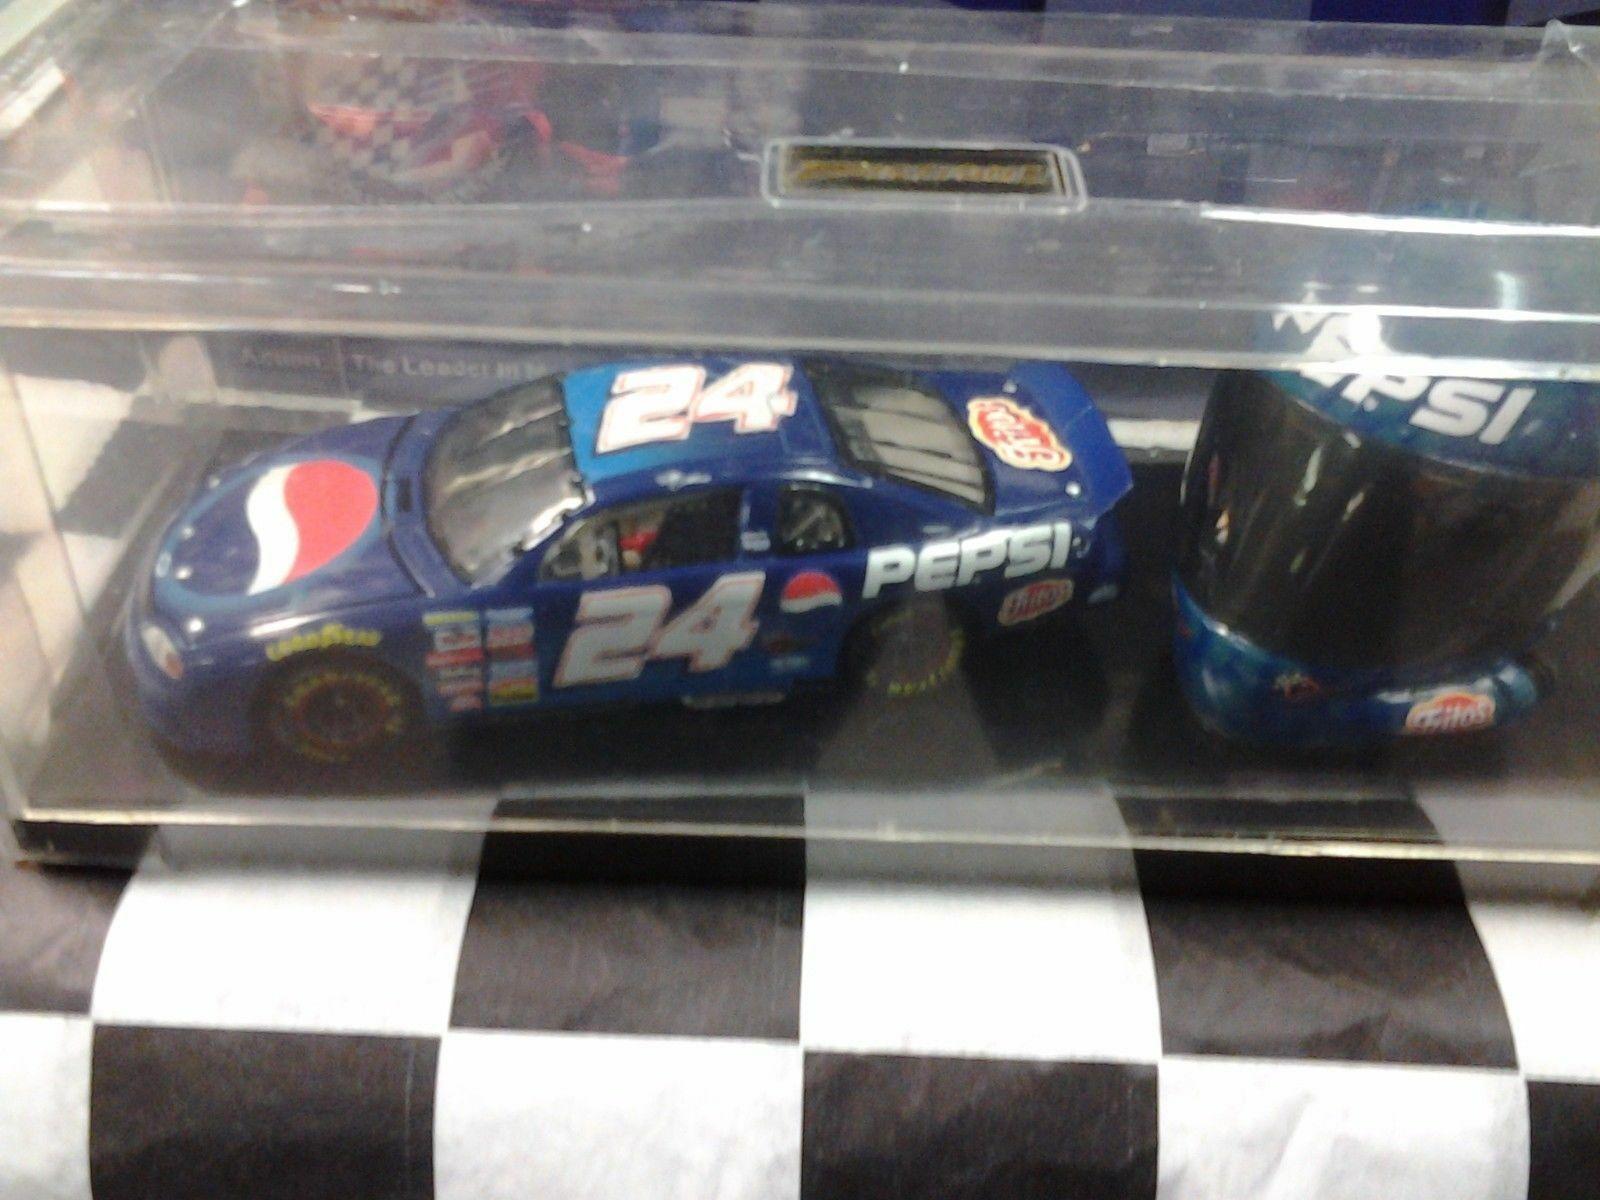 entrega rápida Jeff Gordon  24 Pepsi 1999 1999 1999 Acción Nuevo En Caja Escala 1 32 Coche Casco Set NC4252 NasCoche  tienda de descuento